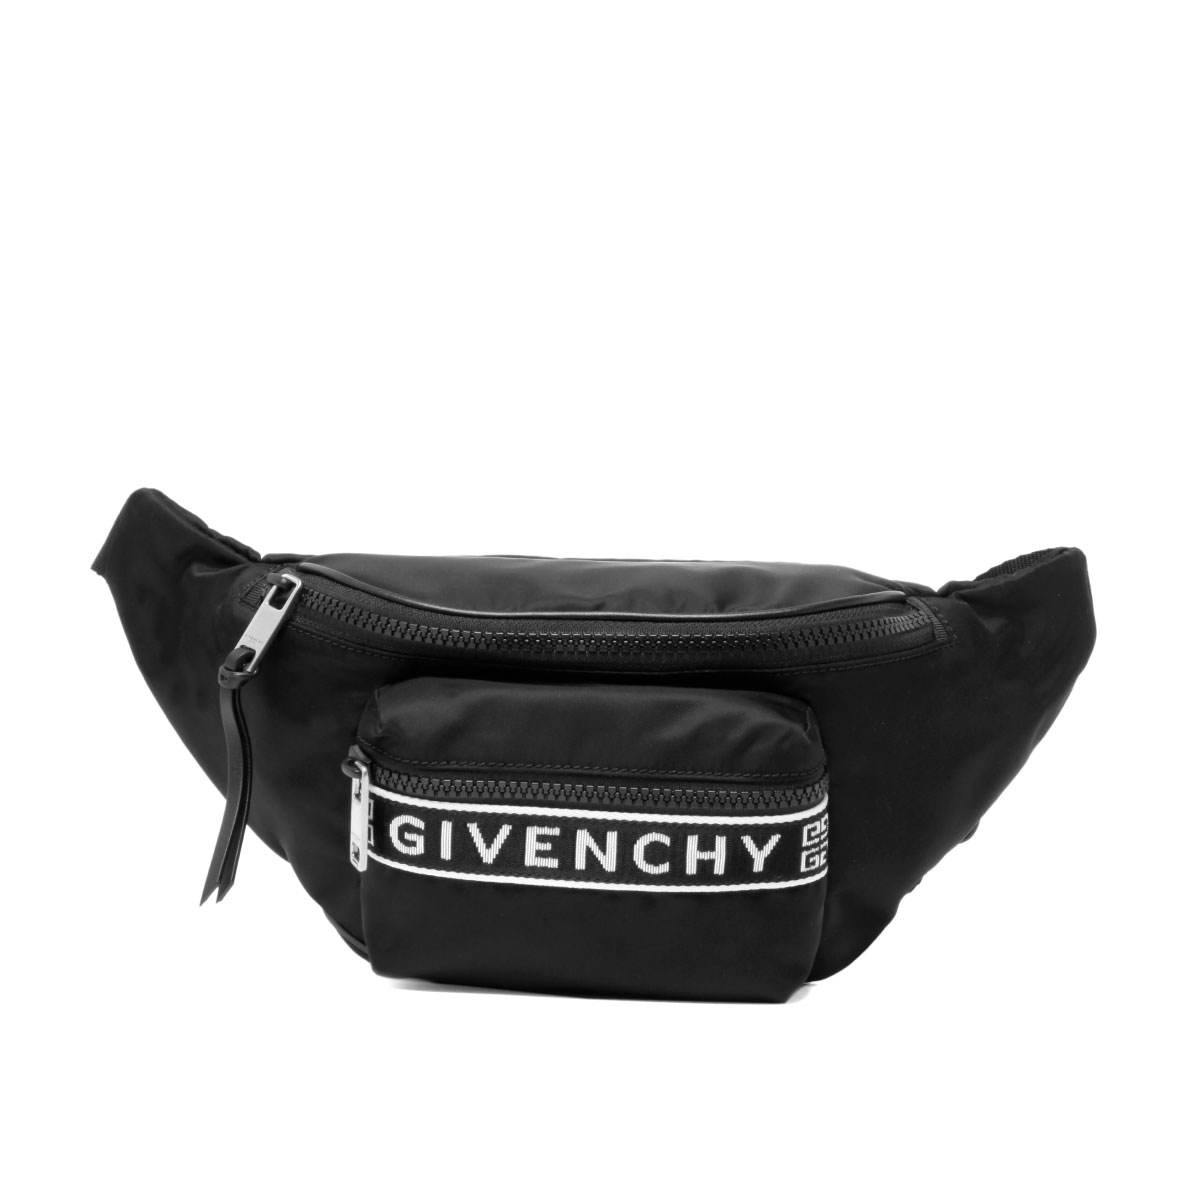 ジバンシー GIVENCHY バッグ メンズ BK5037K0B5 004 ウエストバッグ BLACK/WHITE ブラック